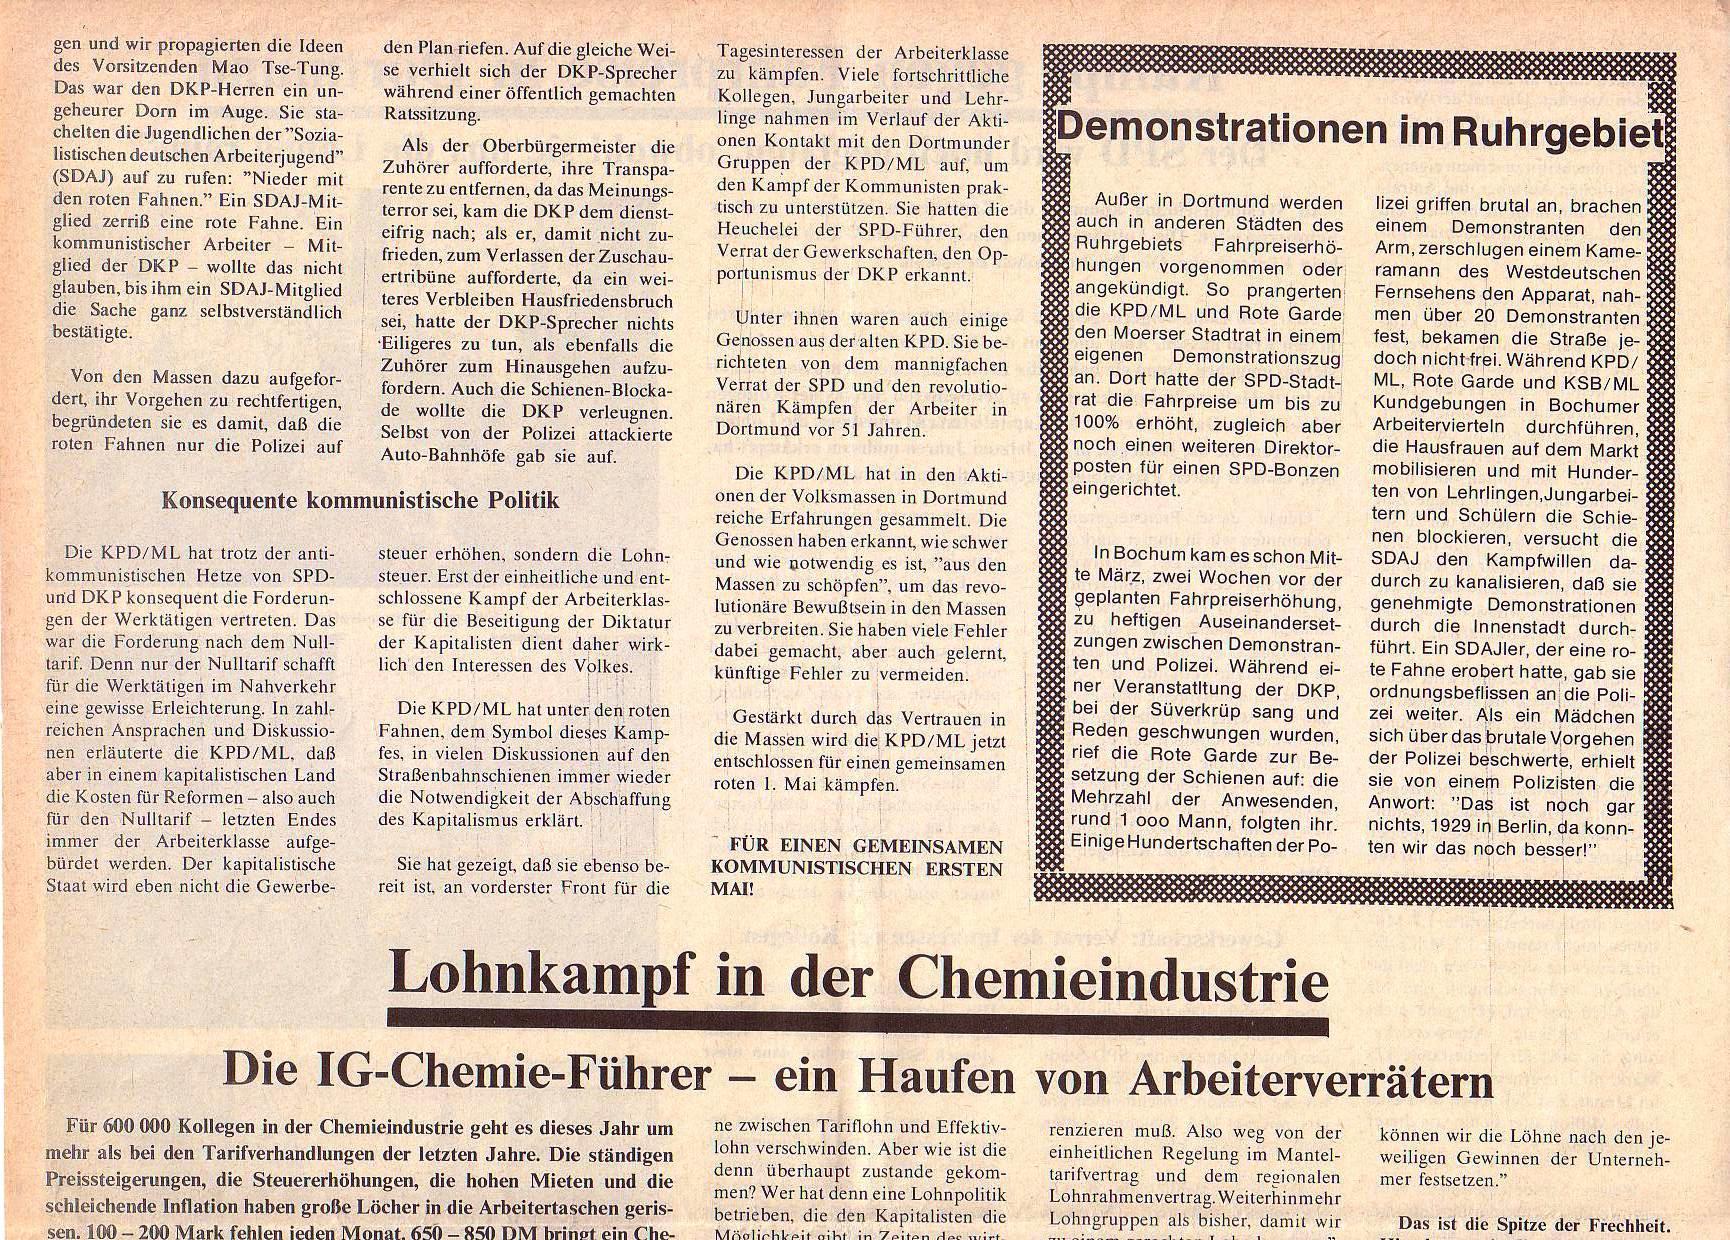 Roter Morgen, 5. Jg., April 1971, Nr. 4, Seite 4a